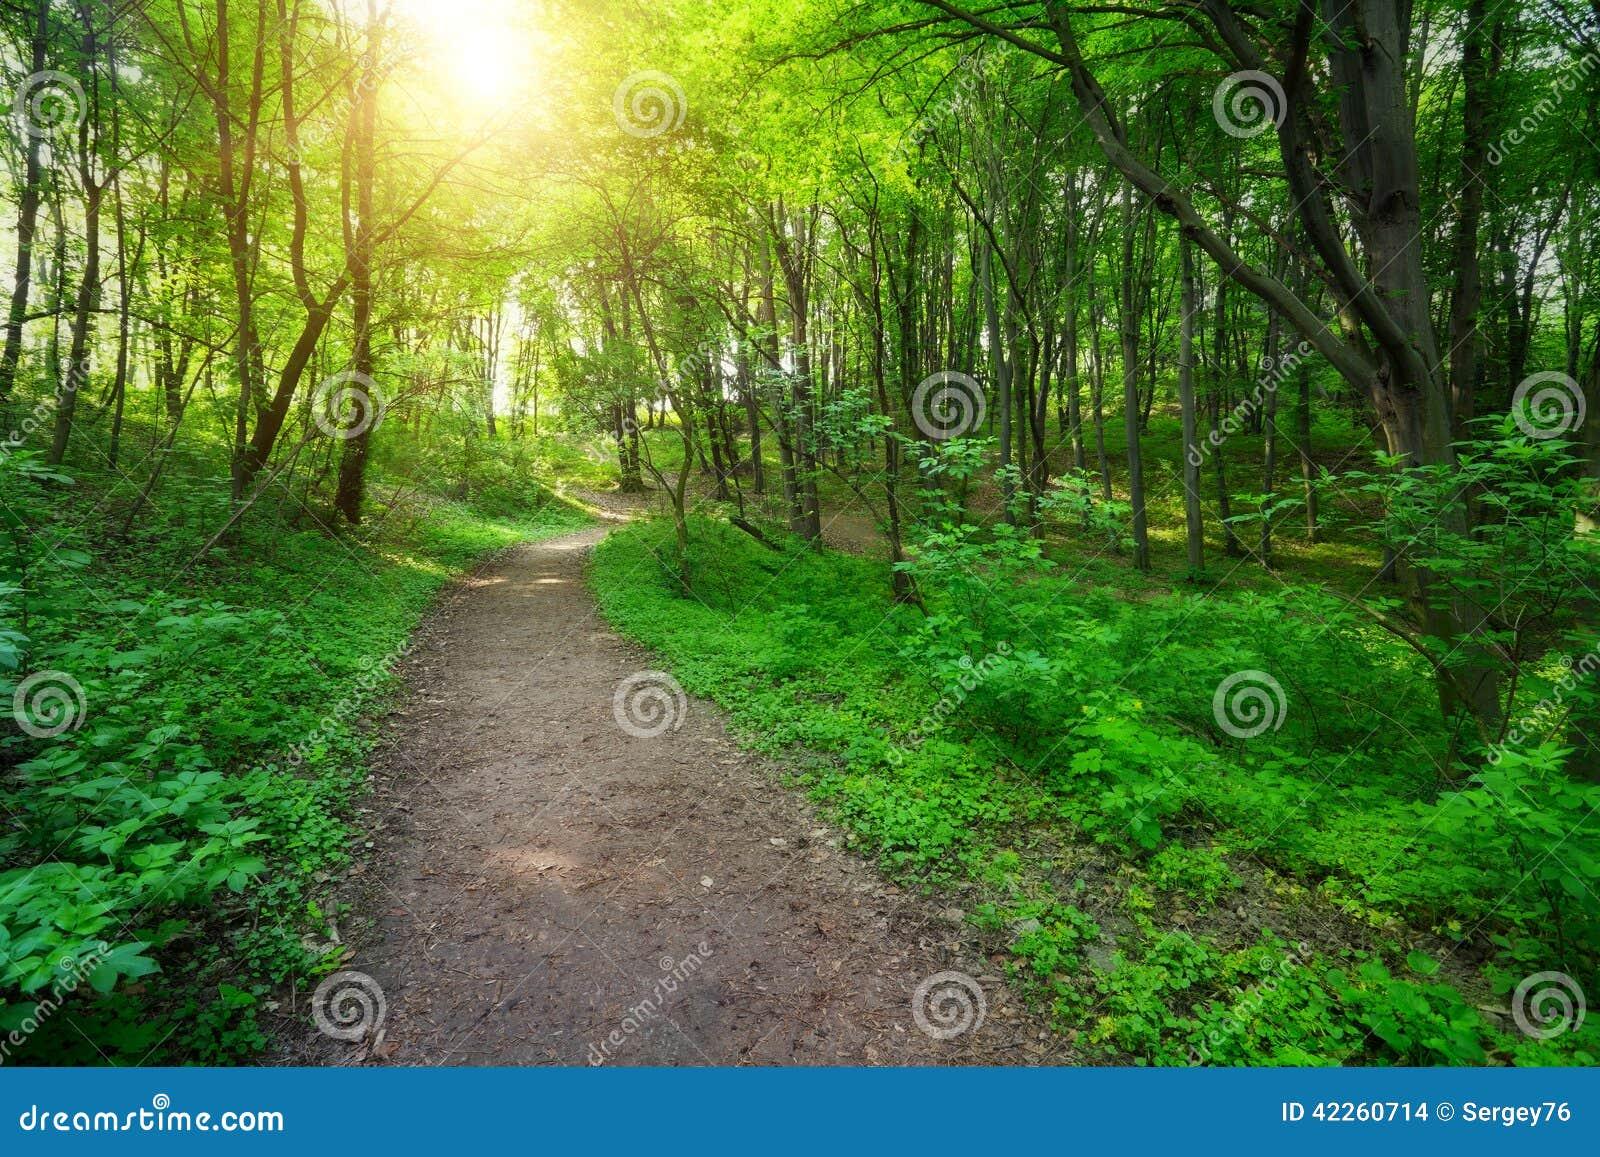 Groen bos met weg en zonlicht